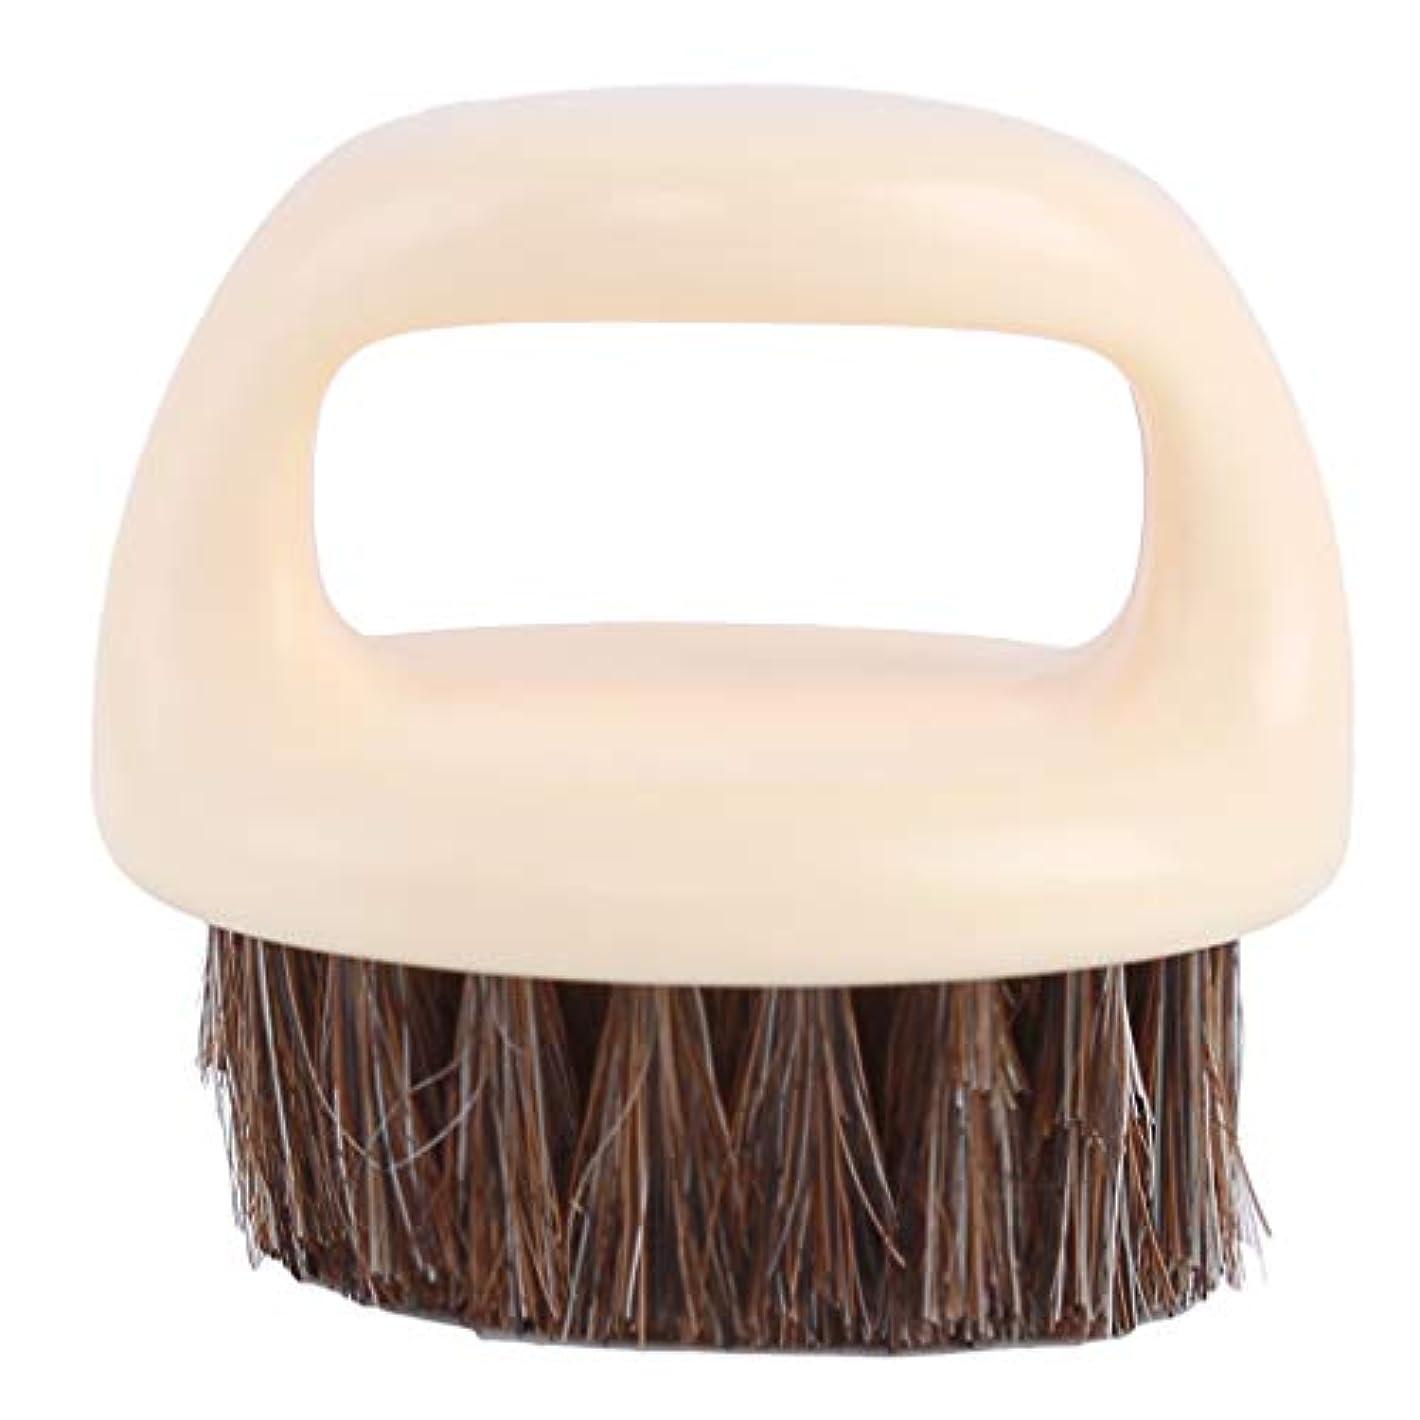 のぞき穴ゲージめまいBEE&BLUE シェービング用ブラシ メンズ ひげブラシ 豚剛毛 ラウンド櫛 男性 理容 洗顔 髭剃り 泡立ち 洗顔ブラシ クリーニング シェービングツール